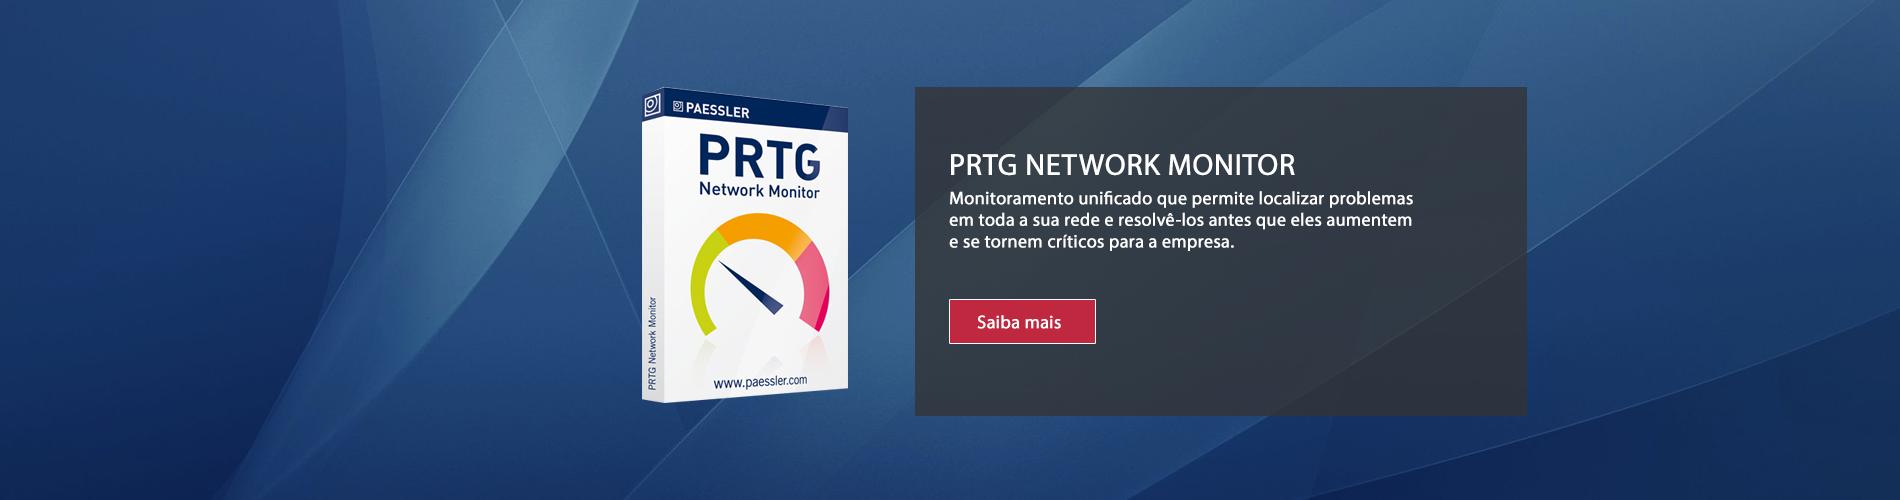 slide_PRTG_network